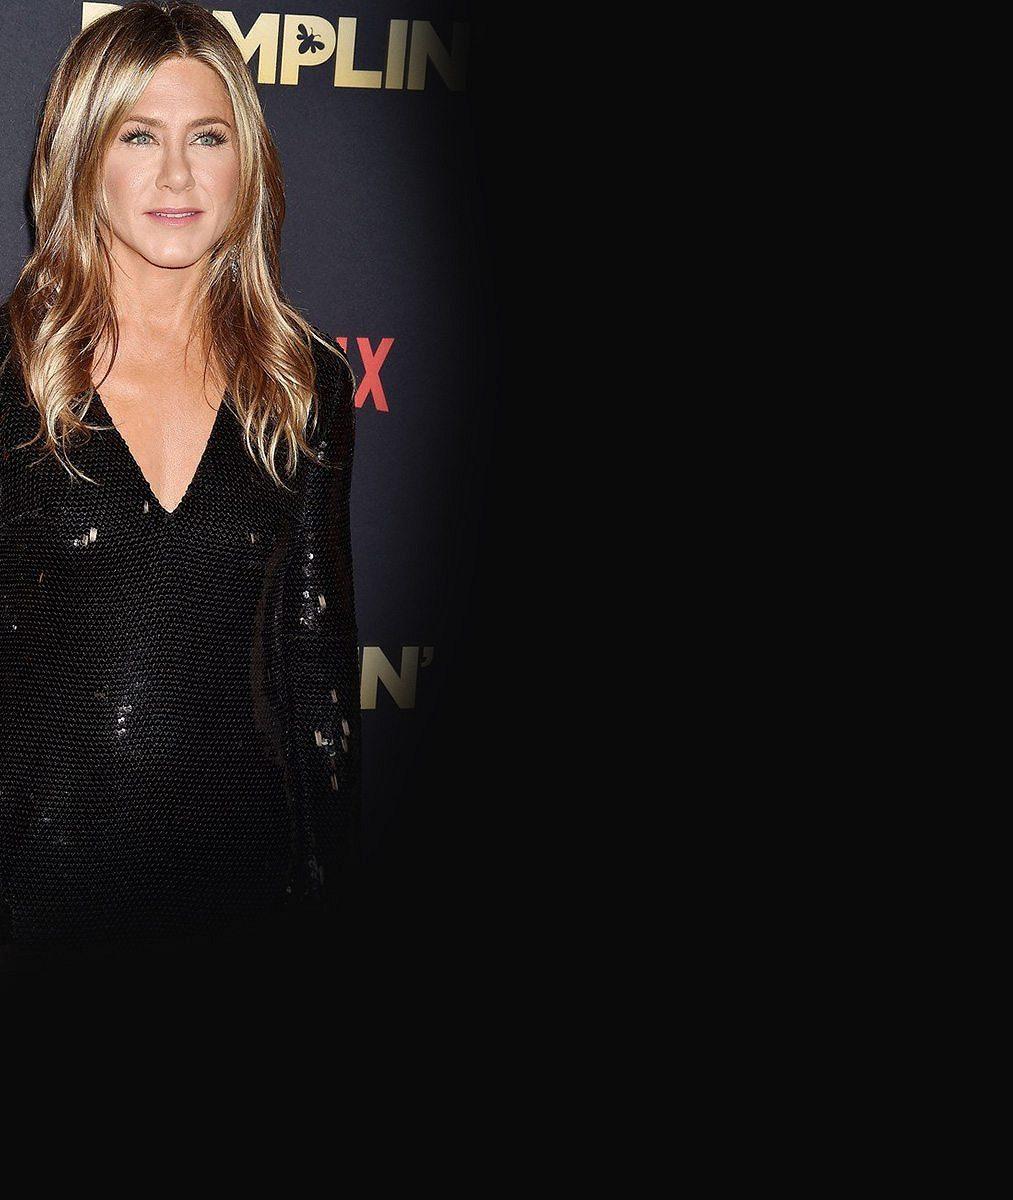 Návrat století? Brad Pitt dorazil na oslavu padesátin bývalky Jennifer Aniston